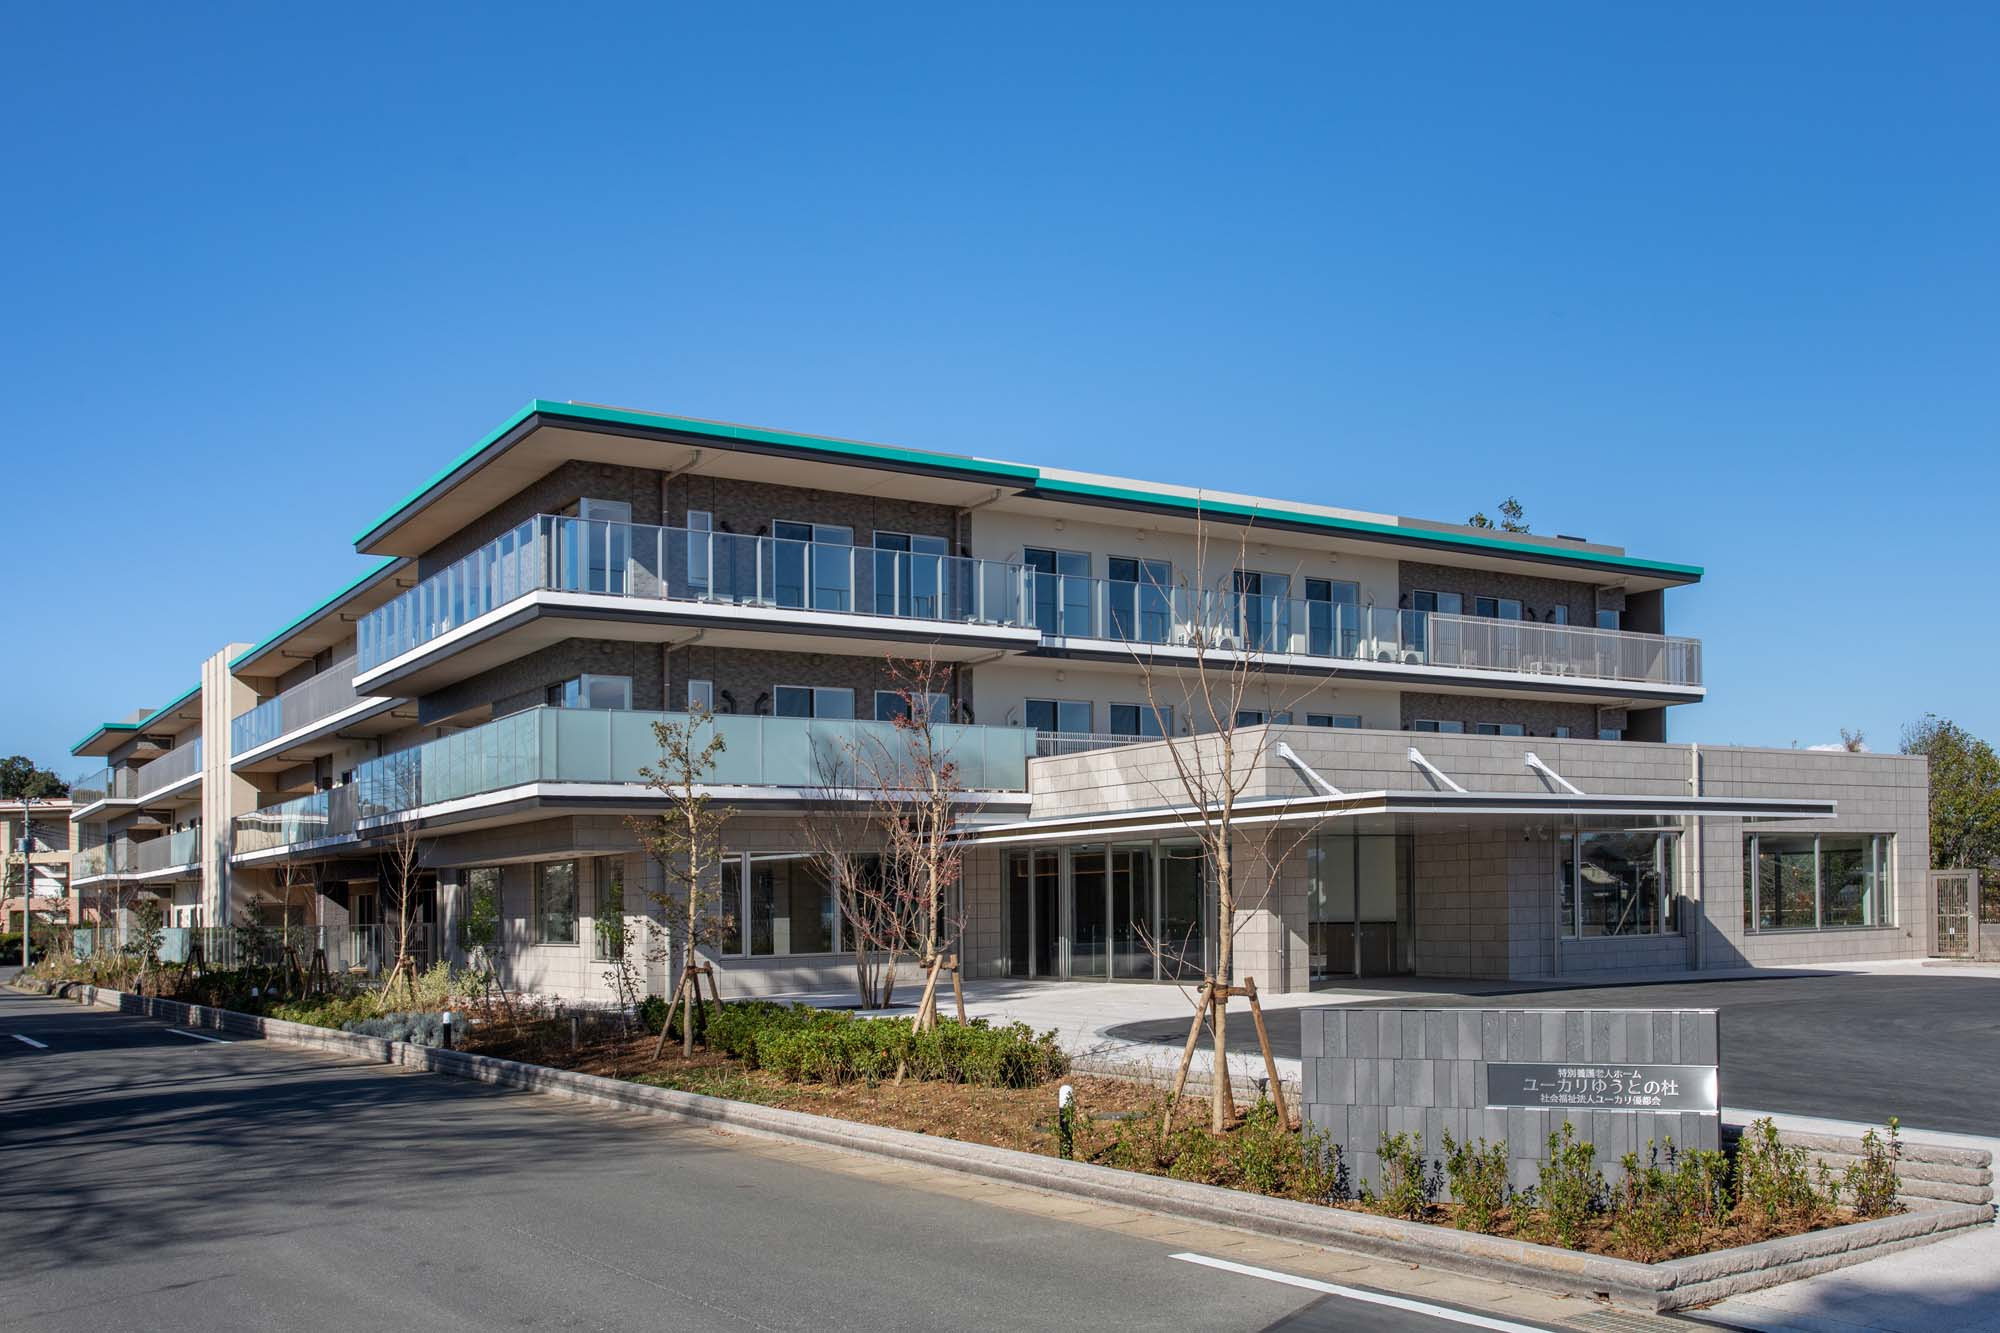 2021年3月1日 ユーカリが丘に新たな特別養護老人ホーム「ユーカリゆうとの杜」がオープンしました。